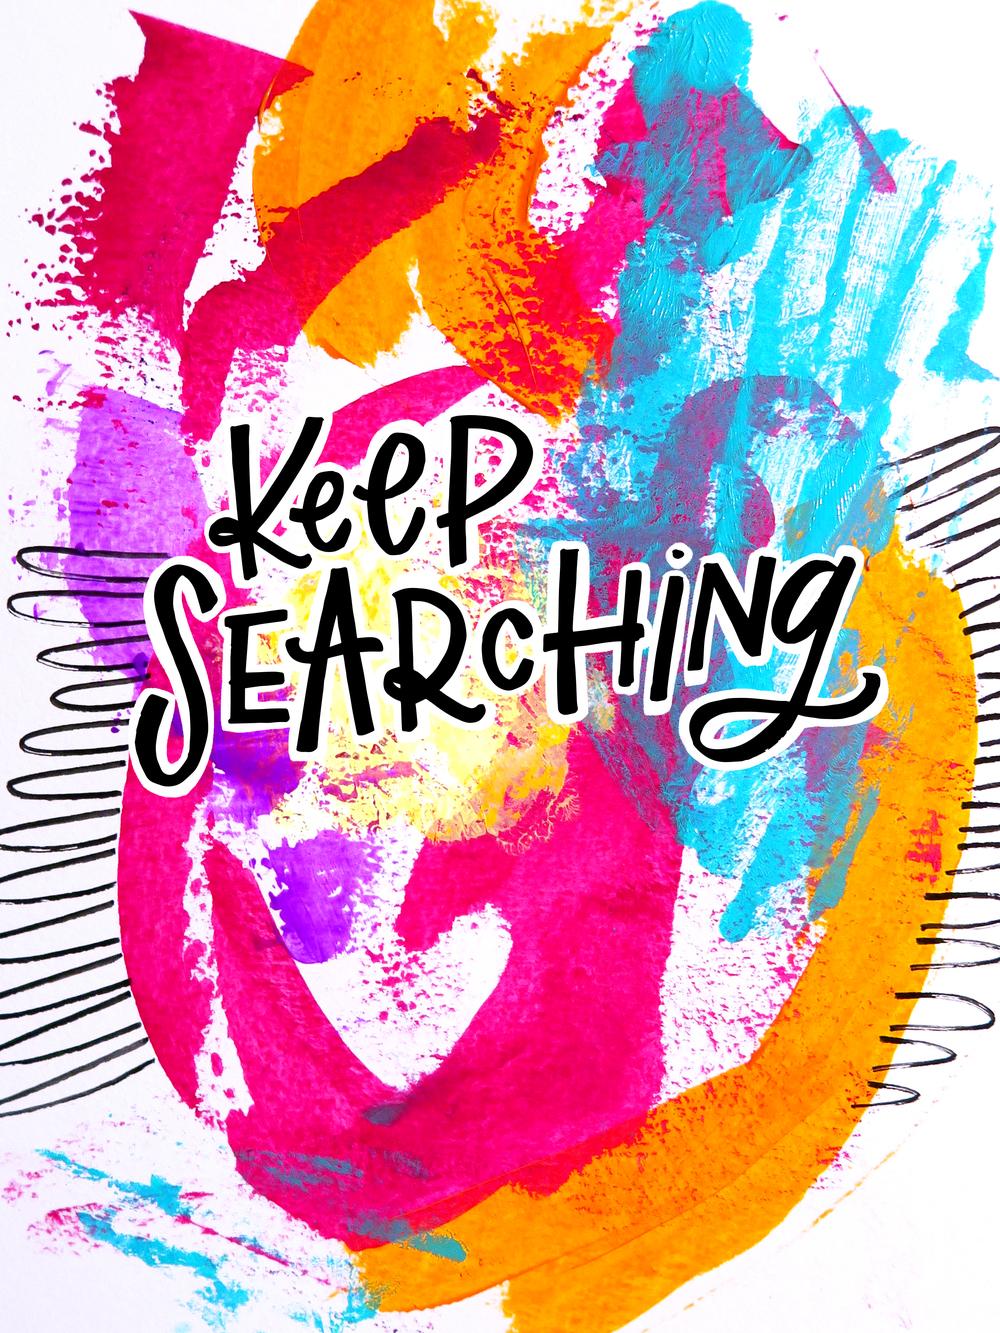 7.21_Searching.jpg